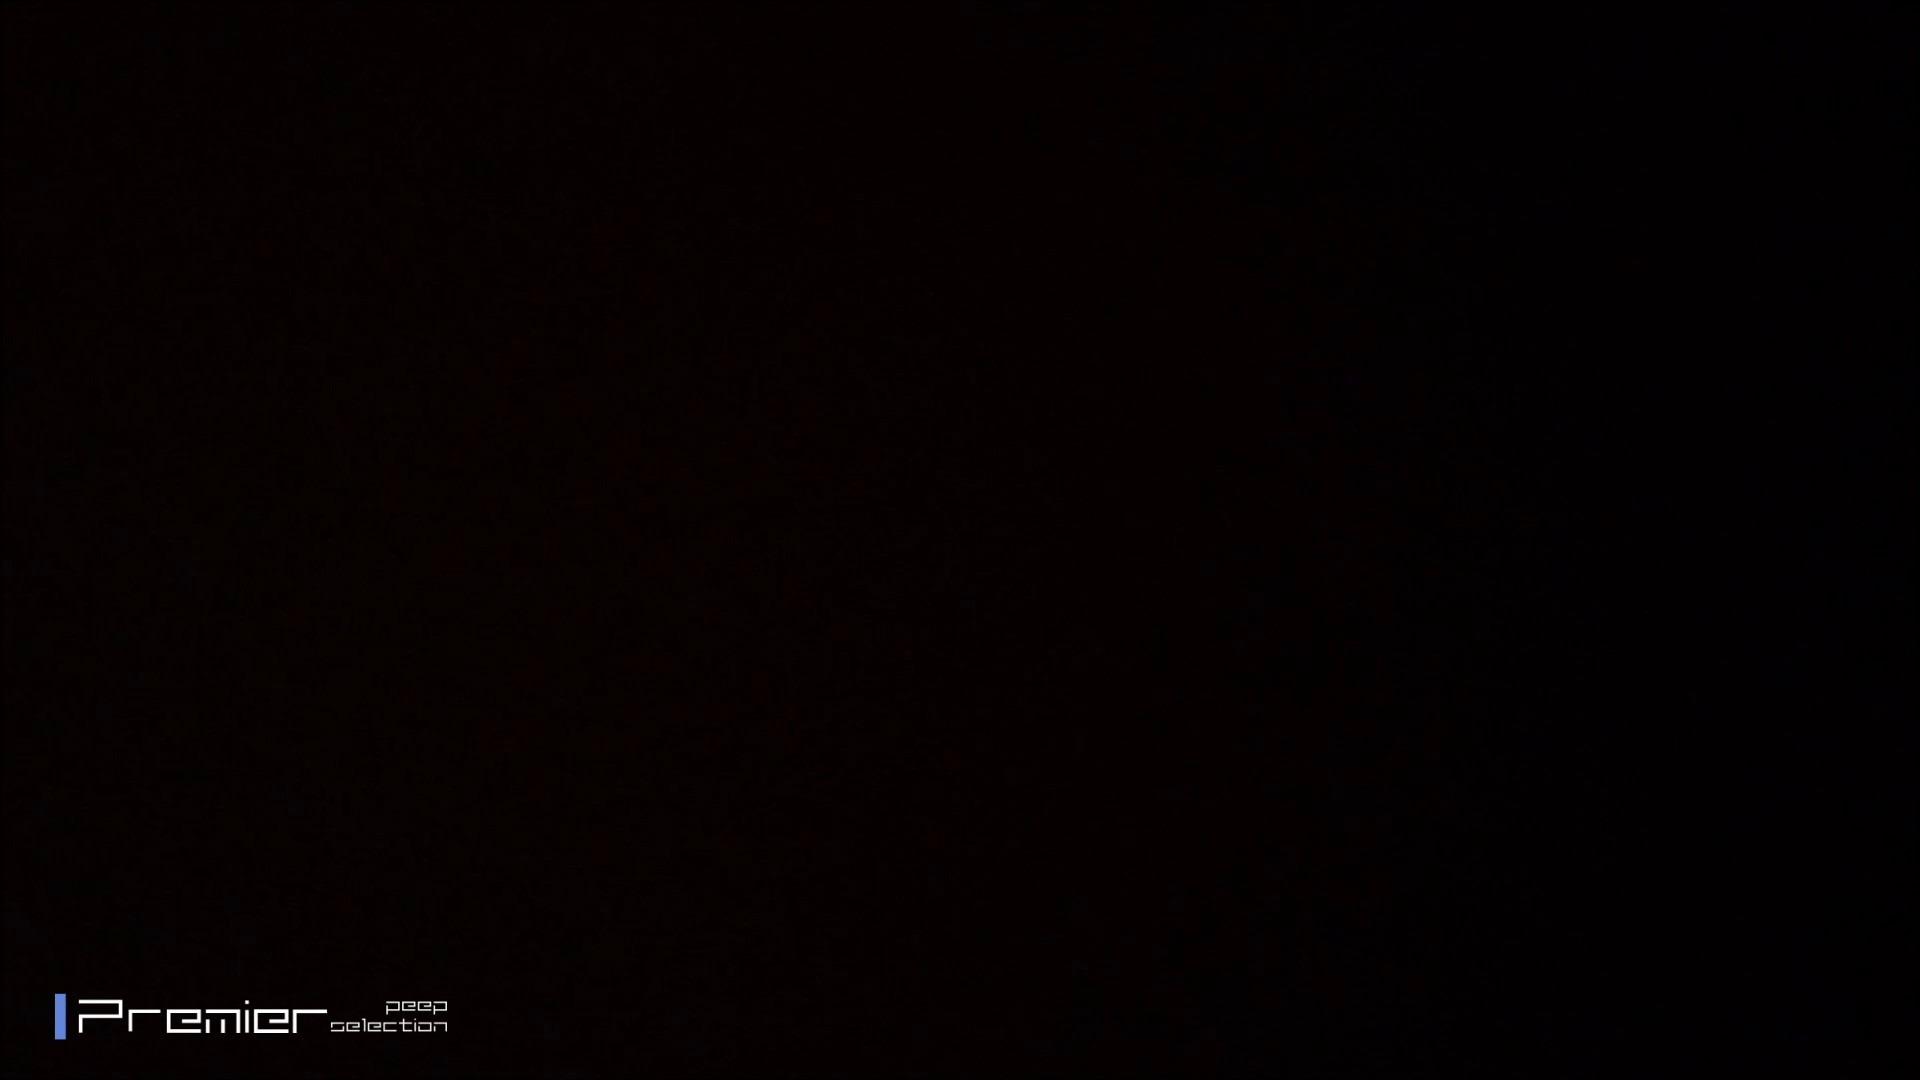 シャワーのお湯を跳ね返すお肌 乙女の風呂場 Vol.03 乙女のボディ オマンコ動画キャプチャ 78PIX 47